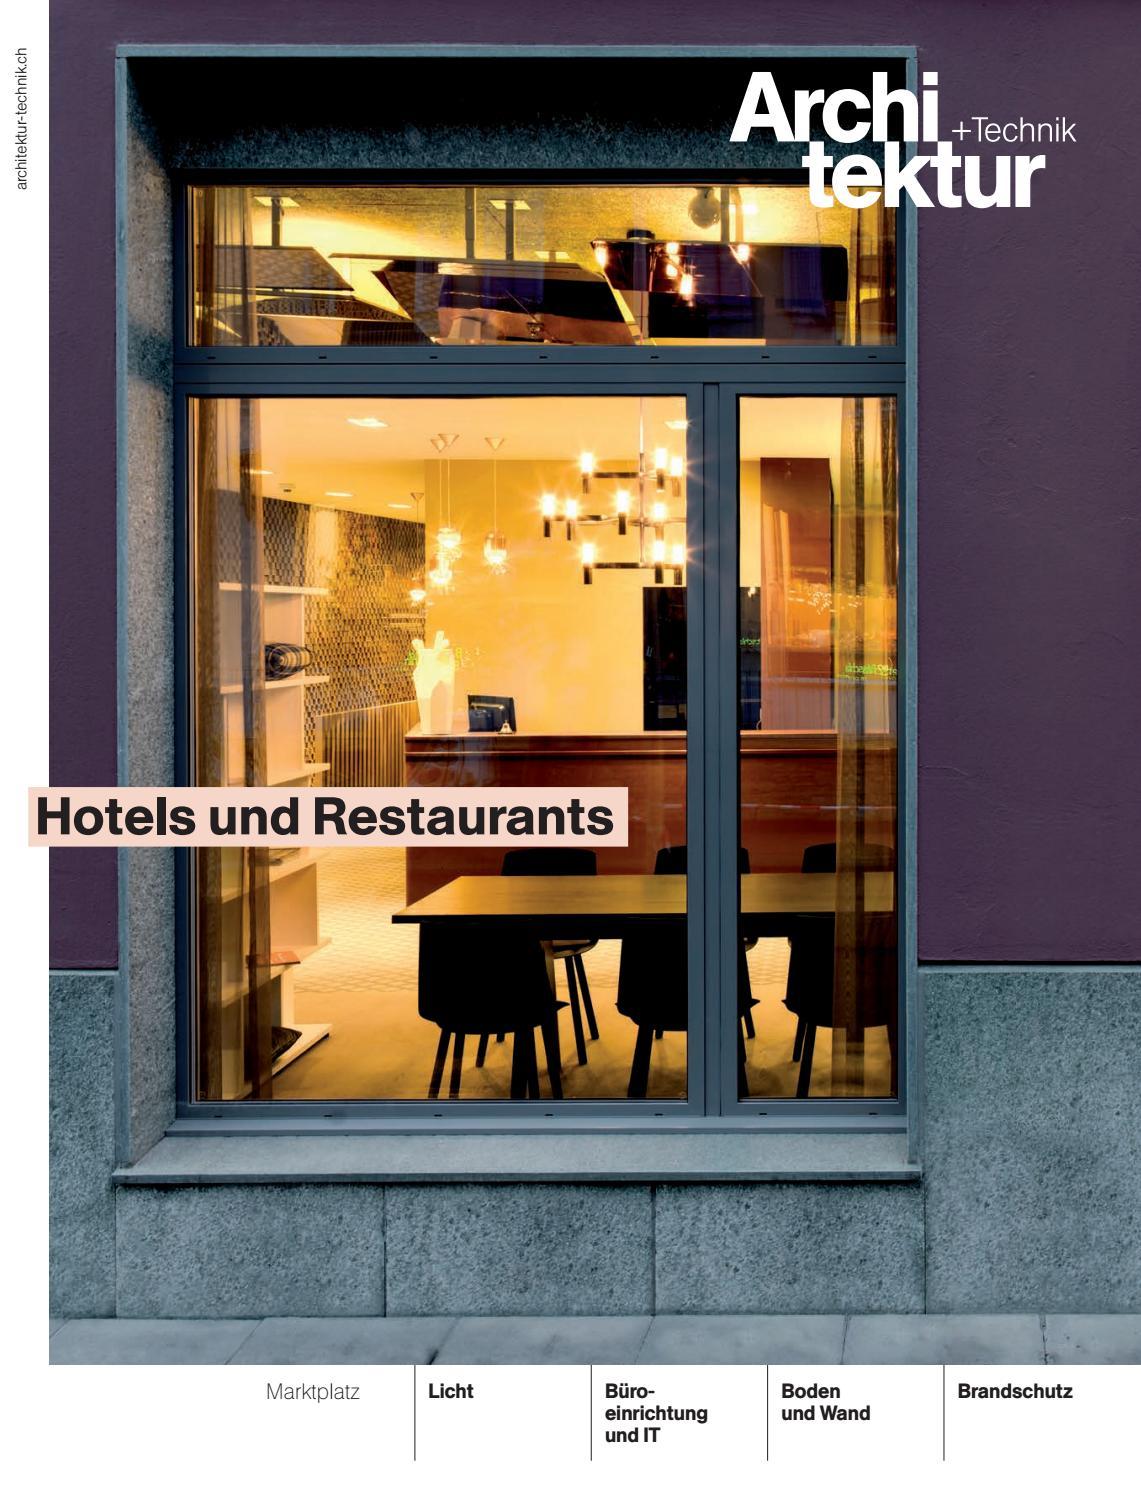 Kochschule architektur  Architektur+Technik 09 2016 by BL Verlag AG - issuu